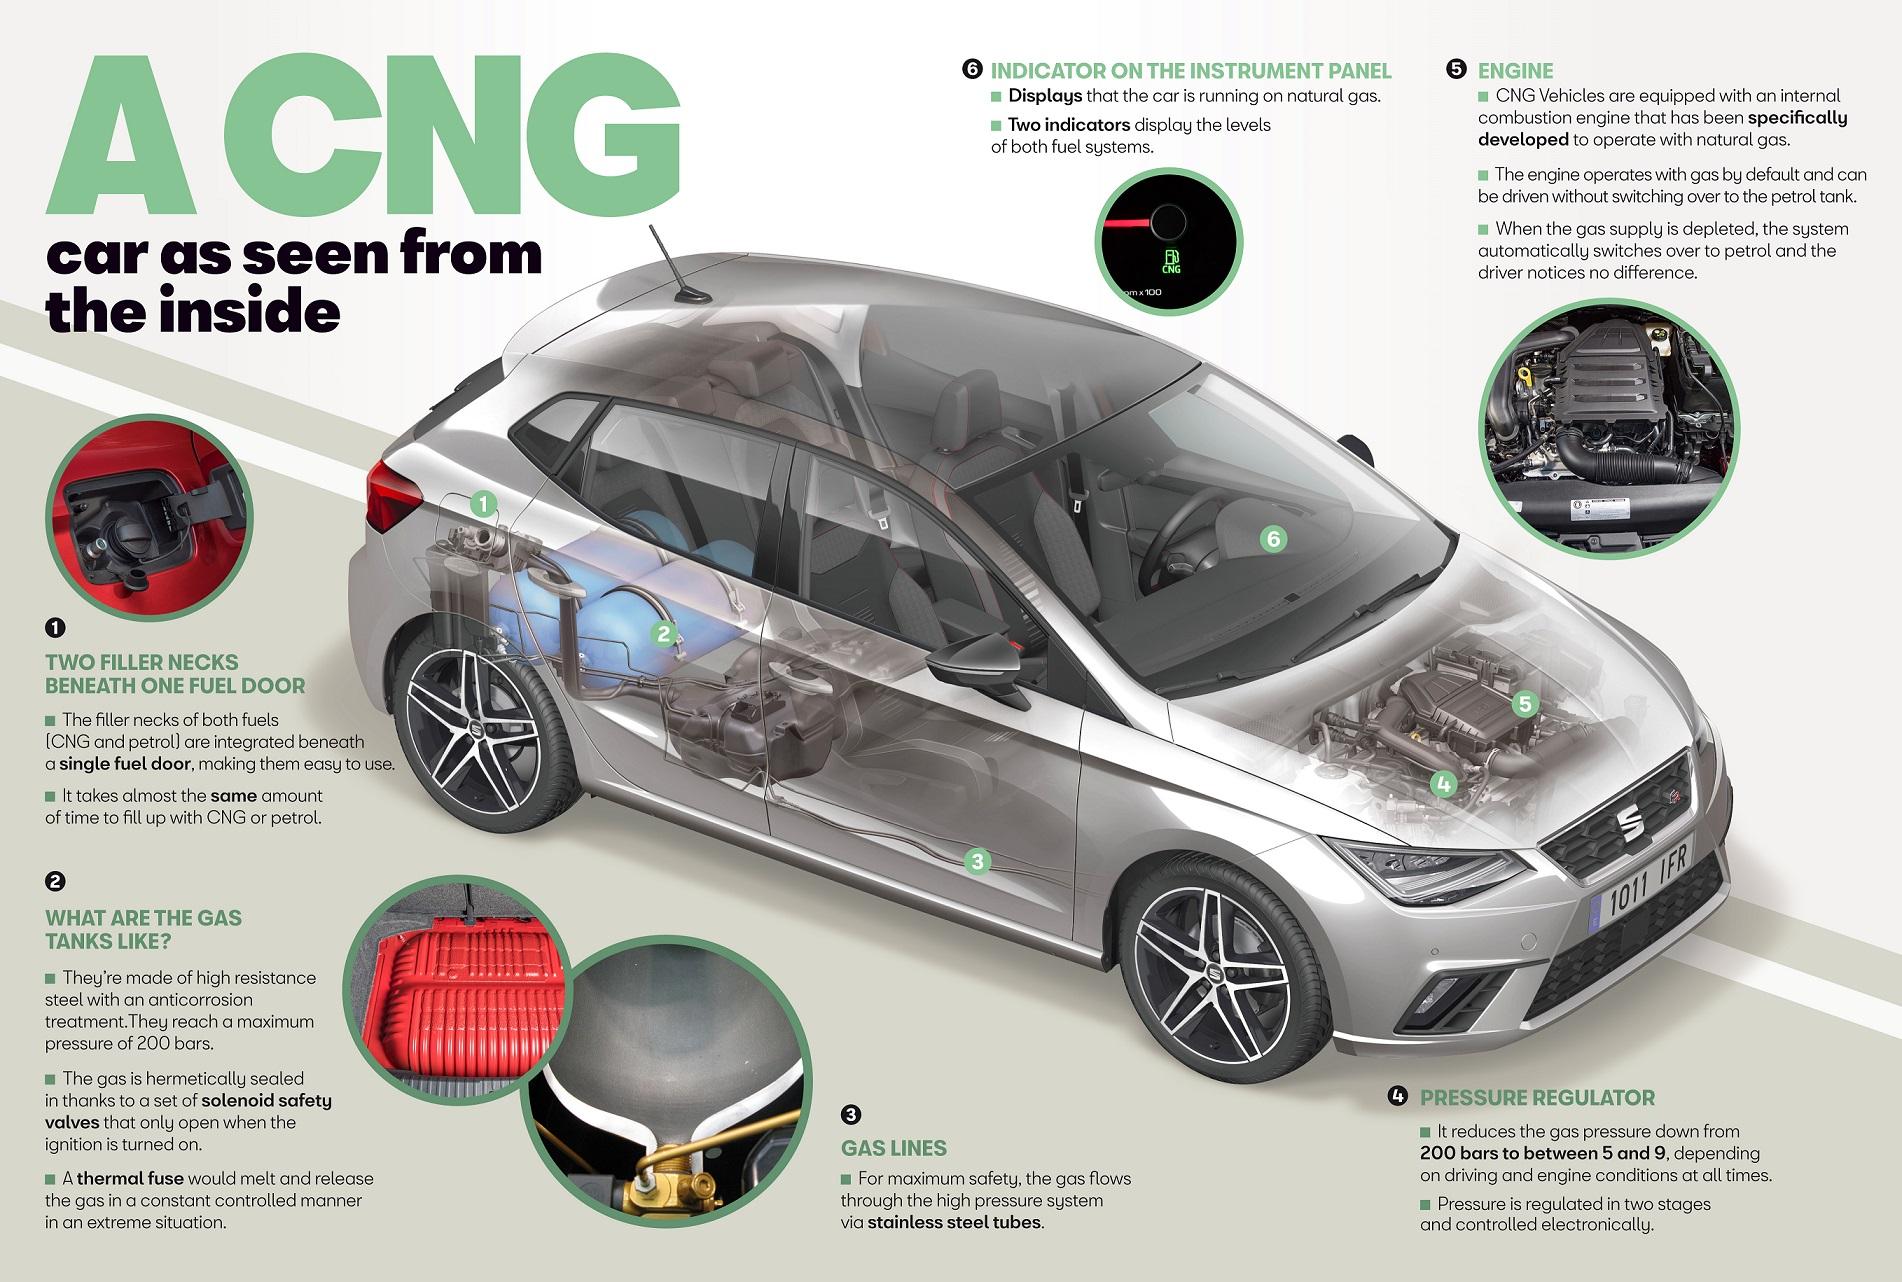 Como funcionam os automóveis a gás de acordo com a Seat